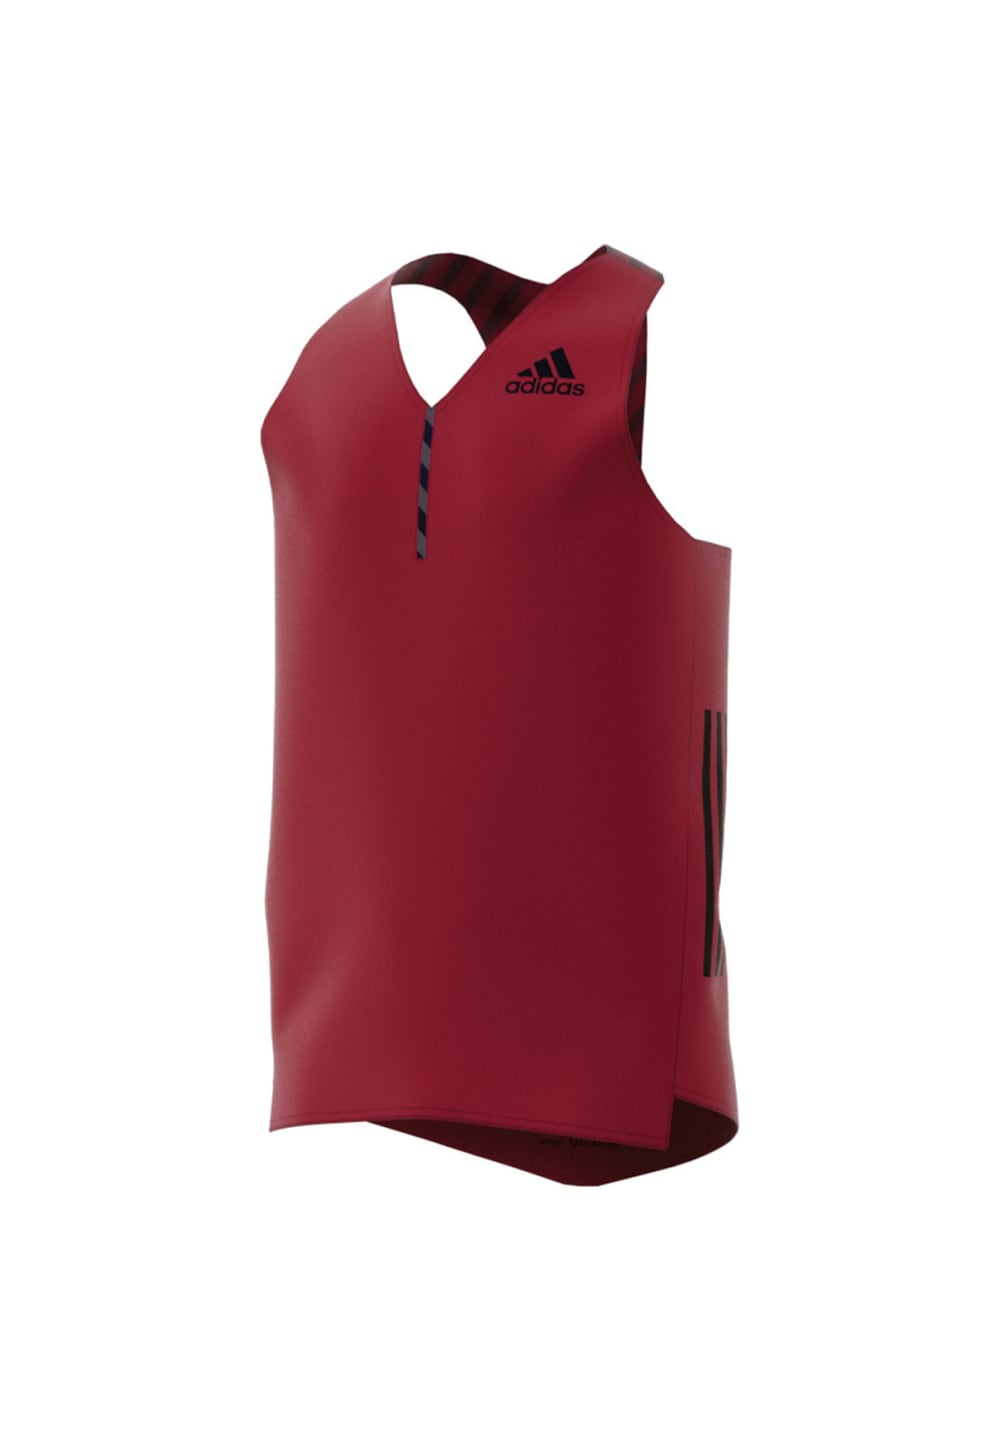 adidas adizero Singlet - Laufshirts für Herren - Rot, Gr. L